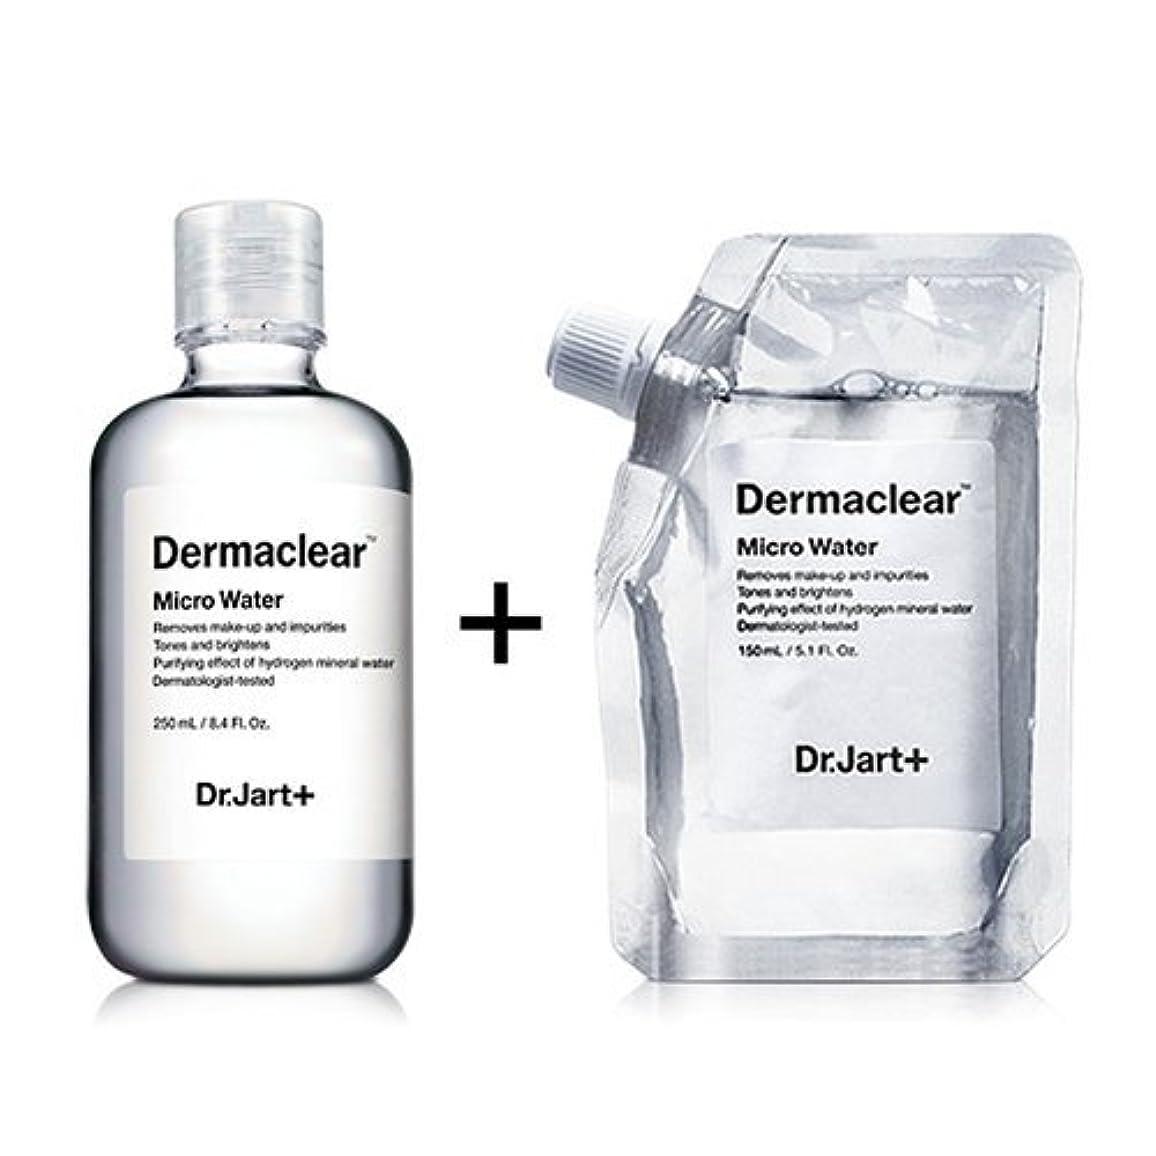 免疫する政治家の直径ドクタージャルト[韓国コスメ Dr.Jart+]ダーマクリア マイクロ ウォーター250ml+150ml(リフィル) [Dr.Jart+]Dermaclear Micro Water (250ml+150ml)